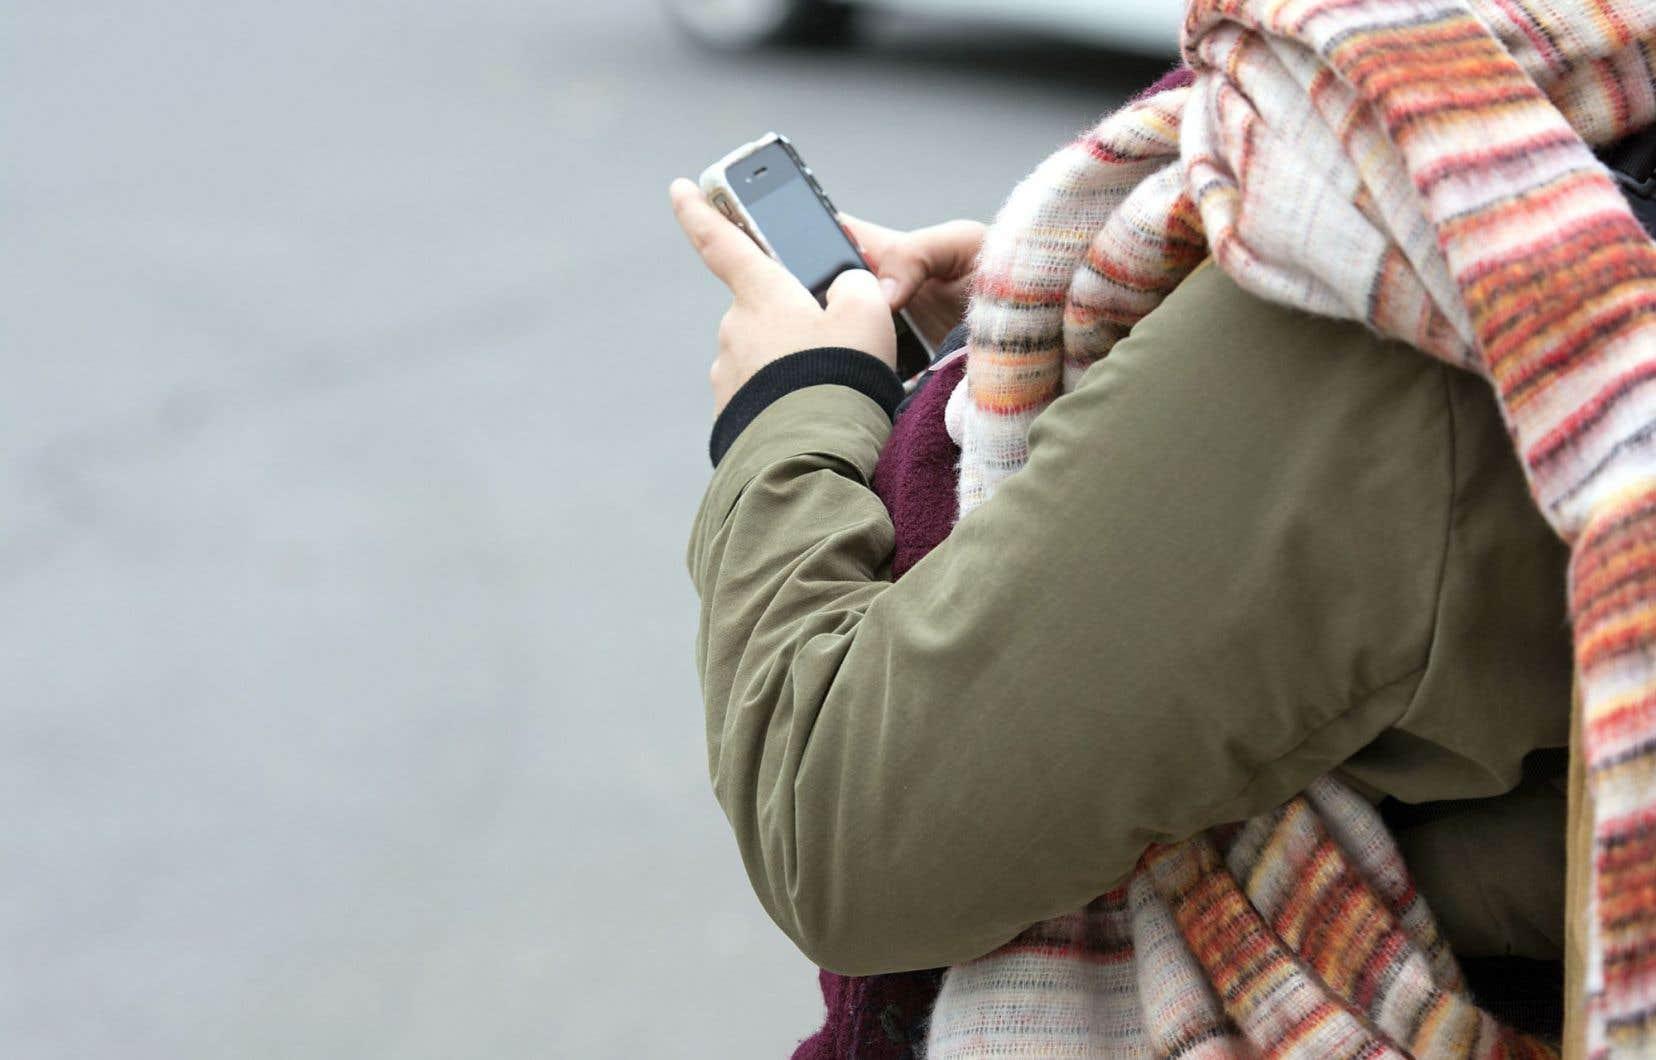 Les citoyens européens ne paieront plus de surcoûts lorsqu'ils téléphoneront, enverront un texto ou surferont sur Internet dans un autre pays de l'Union que celui où ils résident.